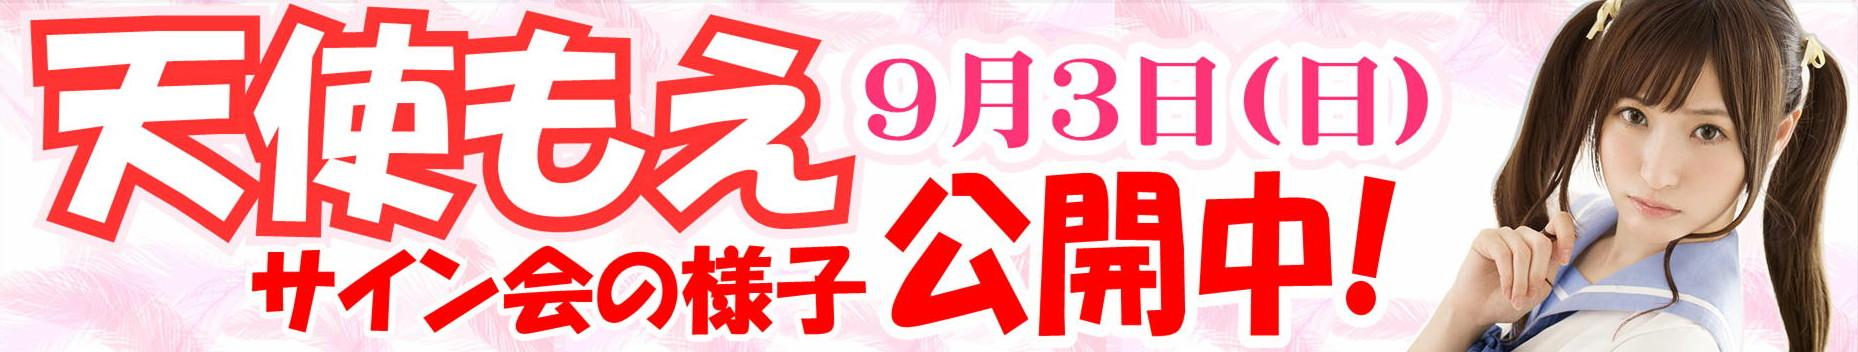 サイン会 帯広 天使もえ 北海道